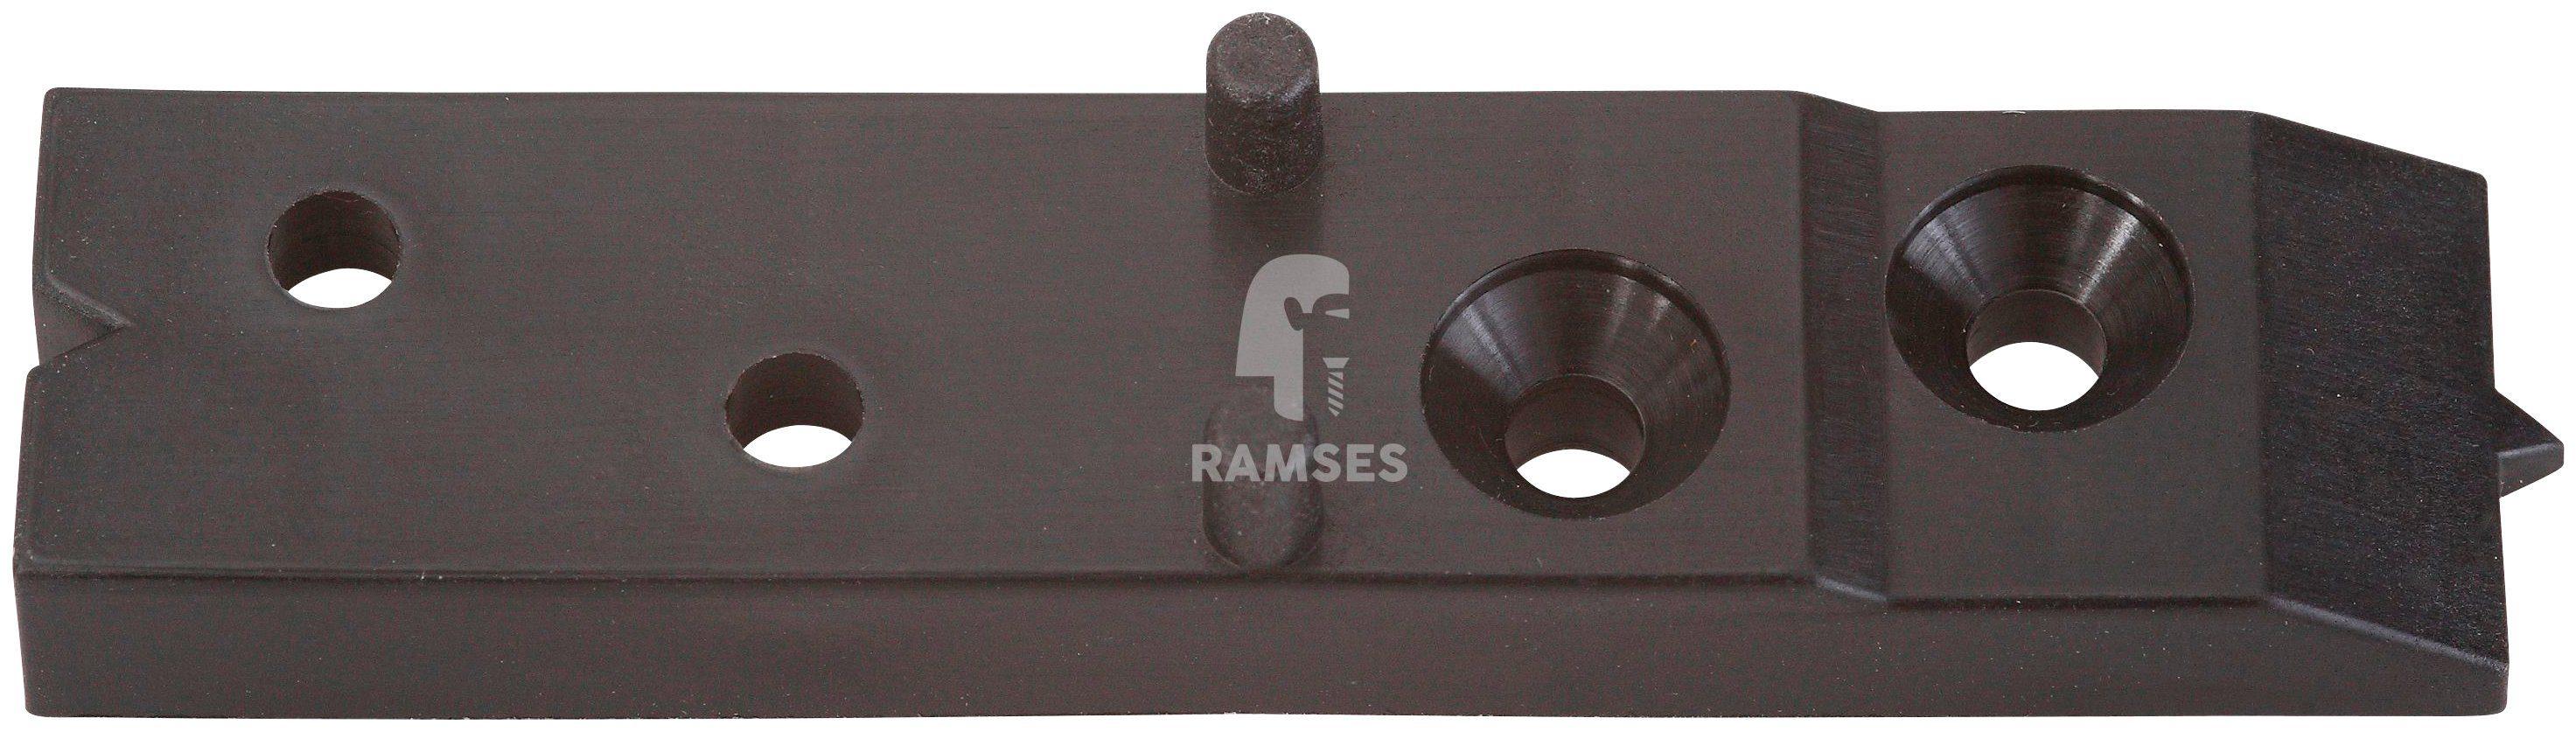 RAMSES Verbinder , für Terrassendielen, ca. 5m² inkl. Schrauben 150 Stück